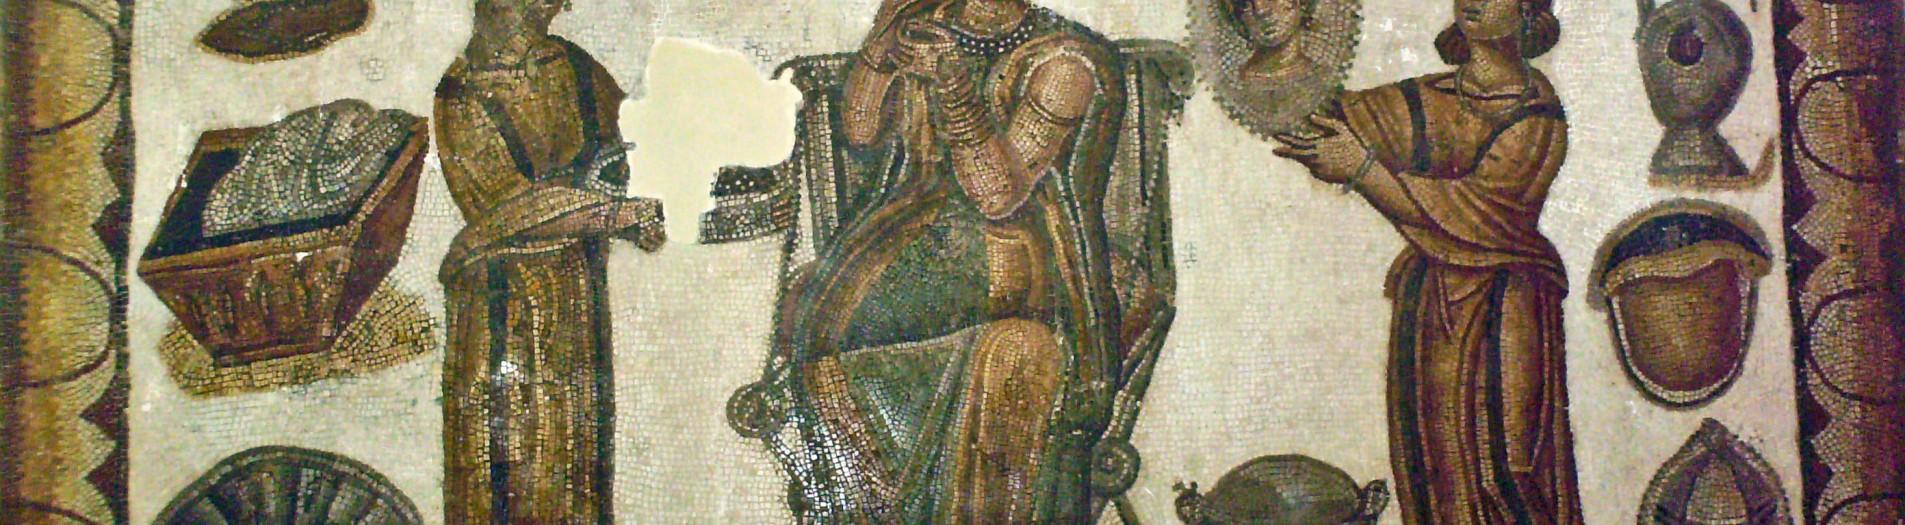 La mosaïque de la scène de toilette de Sidi Ghrib